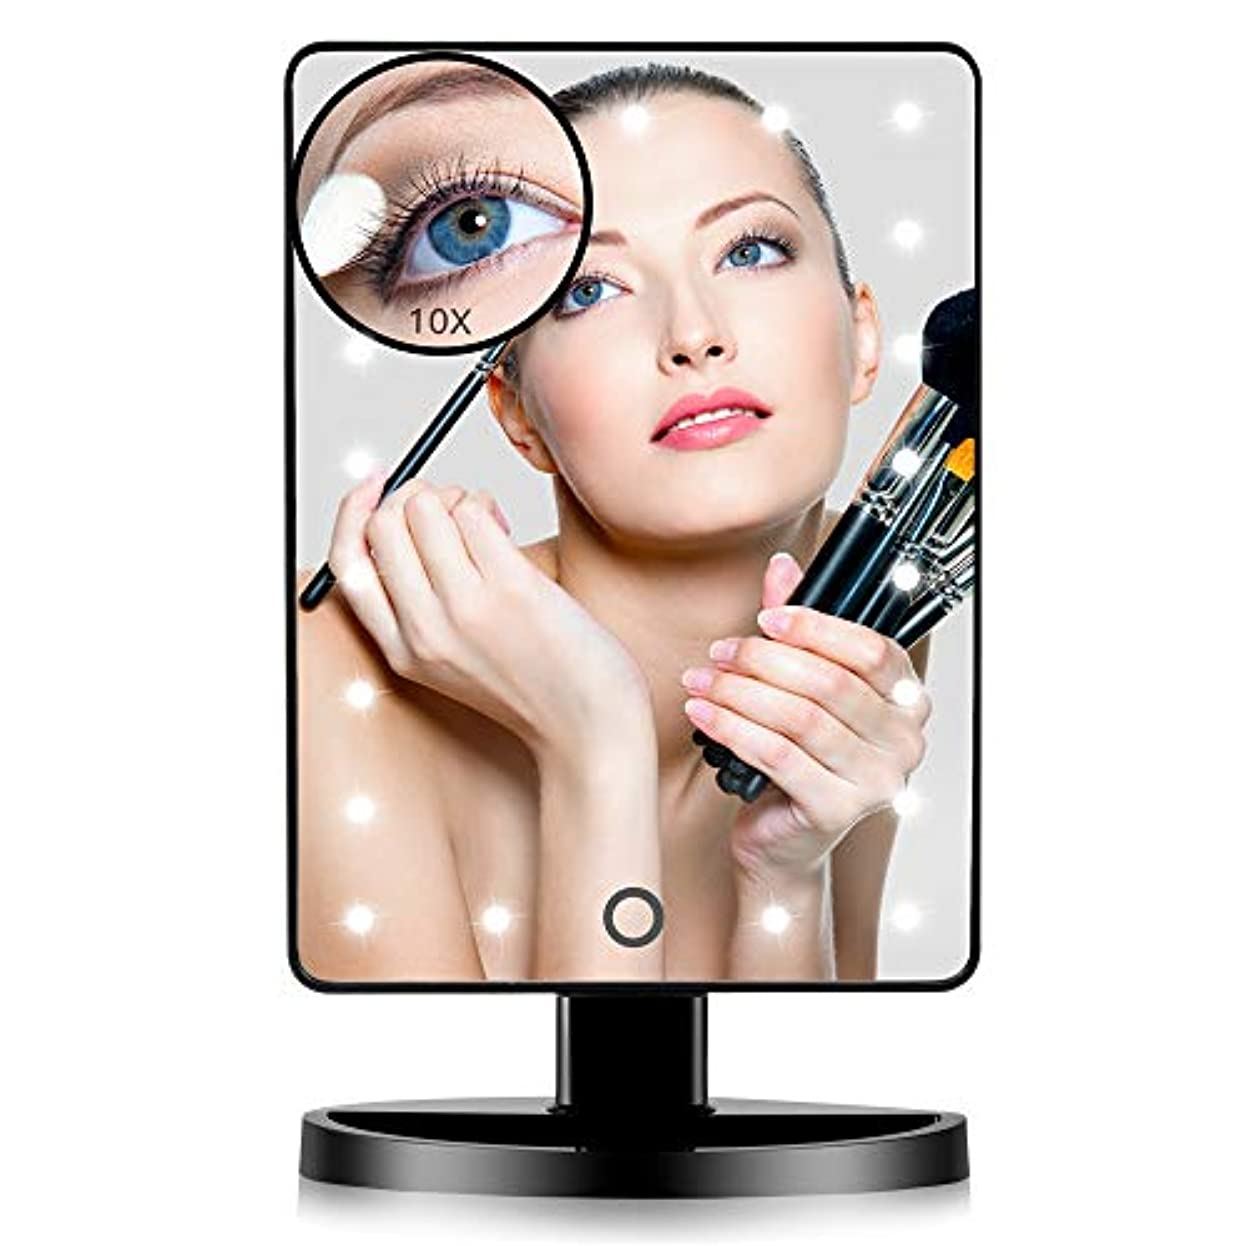 下向き有能な収縮FASCINATE 化粧鏡 化粧ミラー 鏡 女優ミラー 卓上 21 led 拡大鏡 10倍 明るさ調節可能 180°回転 電池給電